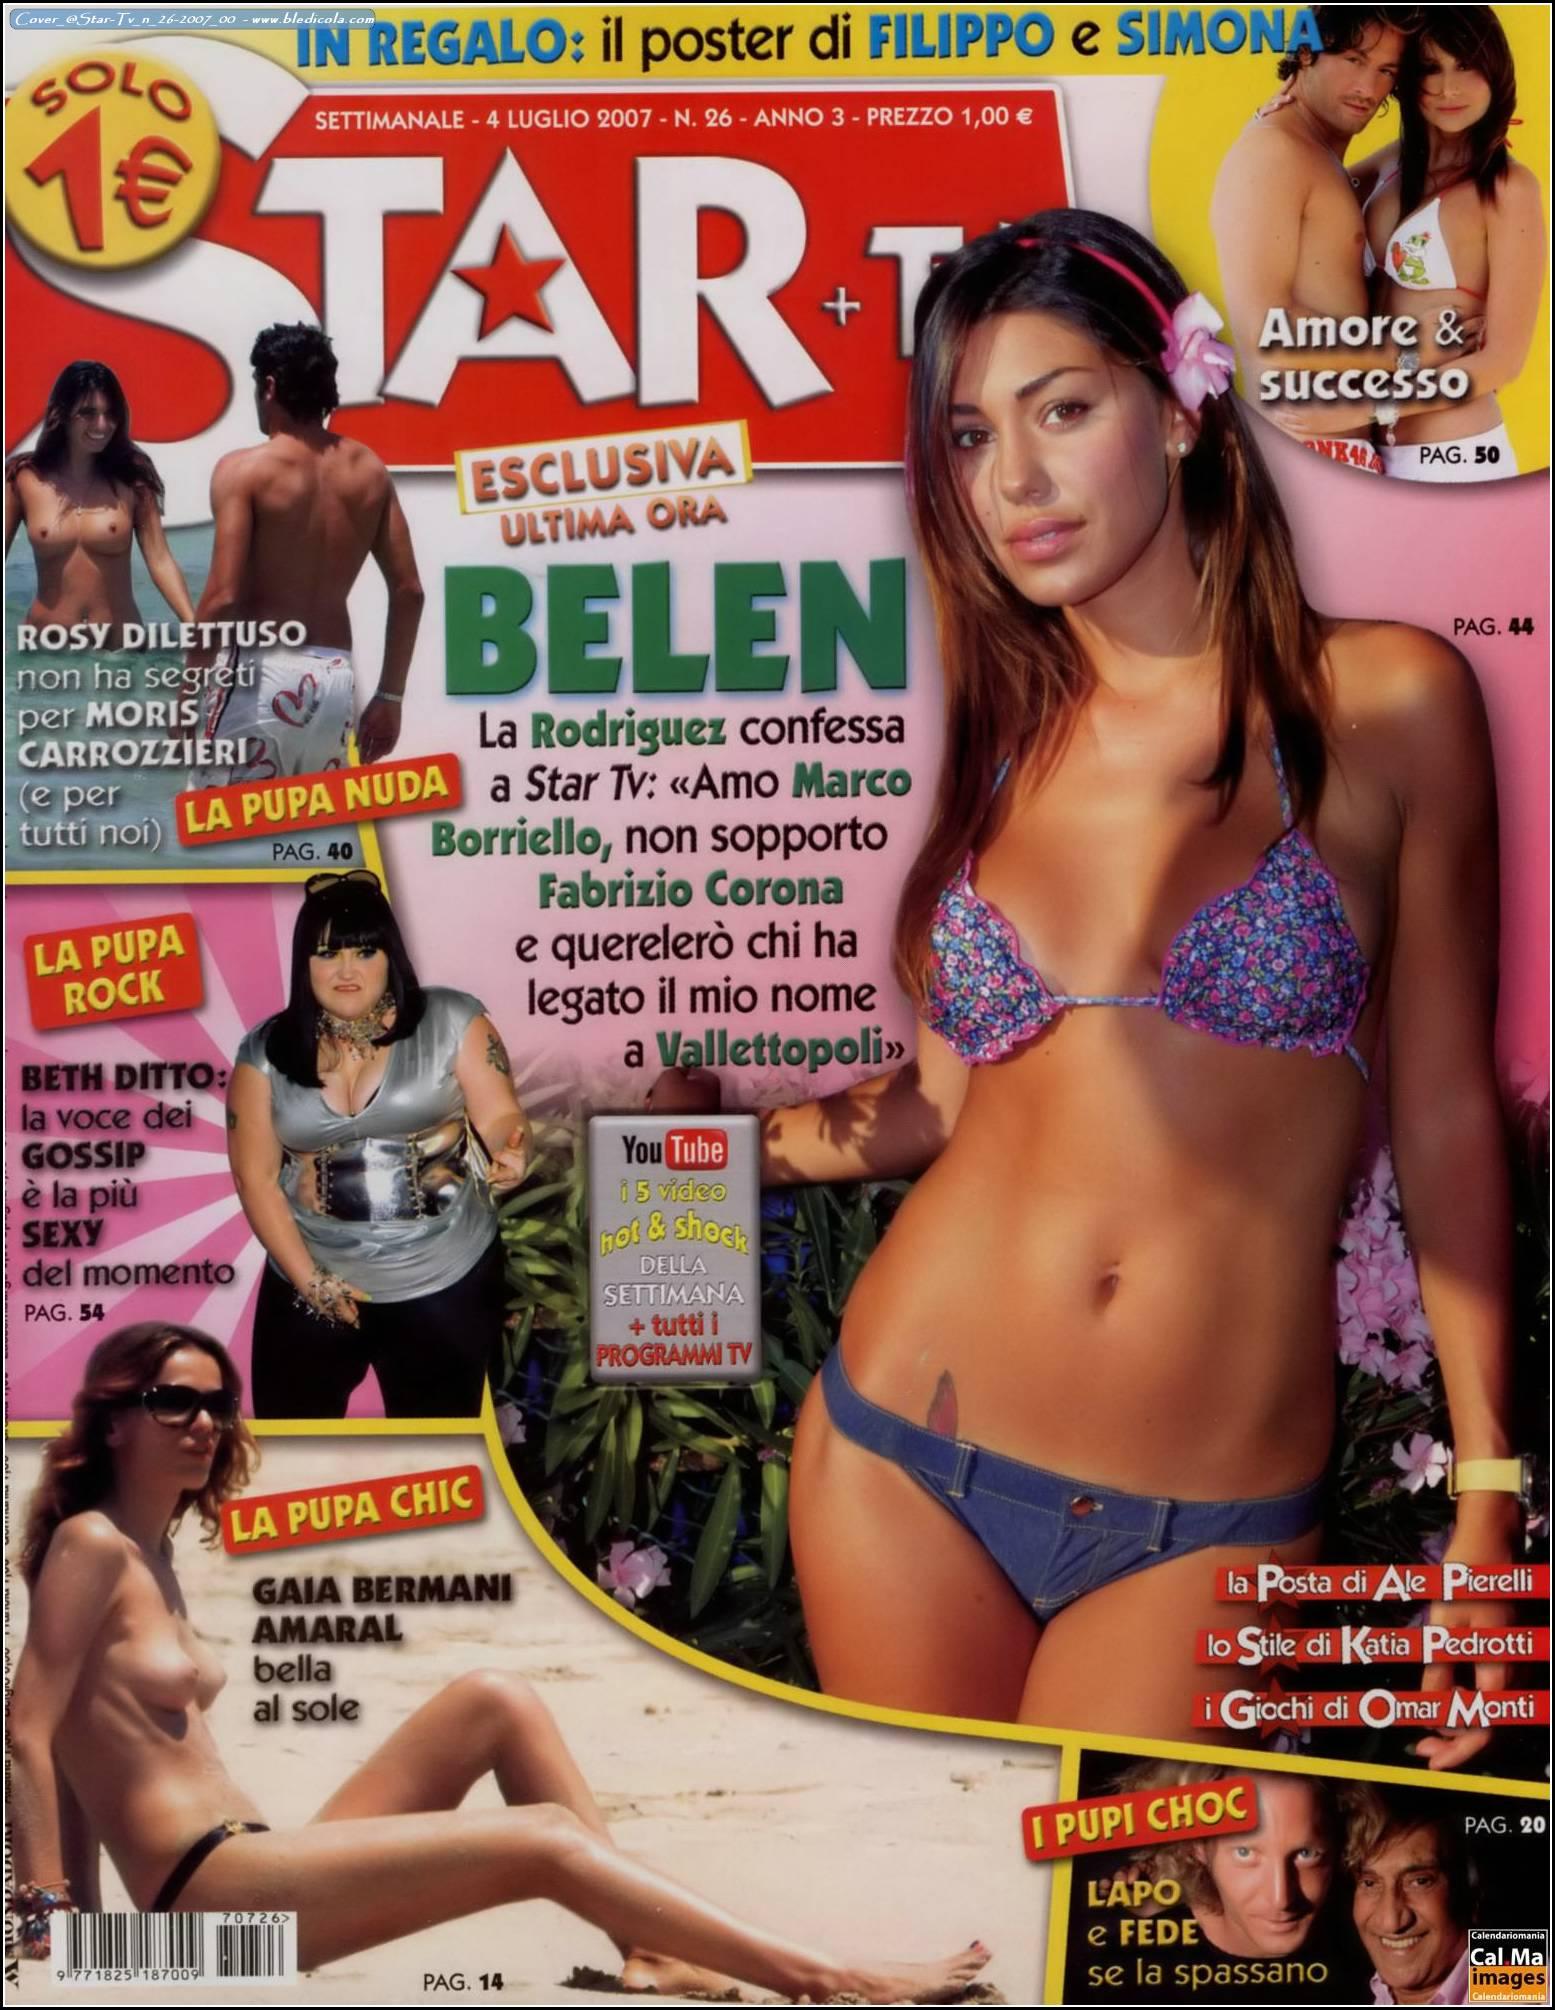 67718_Star3TV_-_No.26_2007_9No.26-20072_Italy_123_432lo.jpg